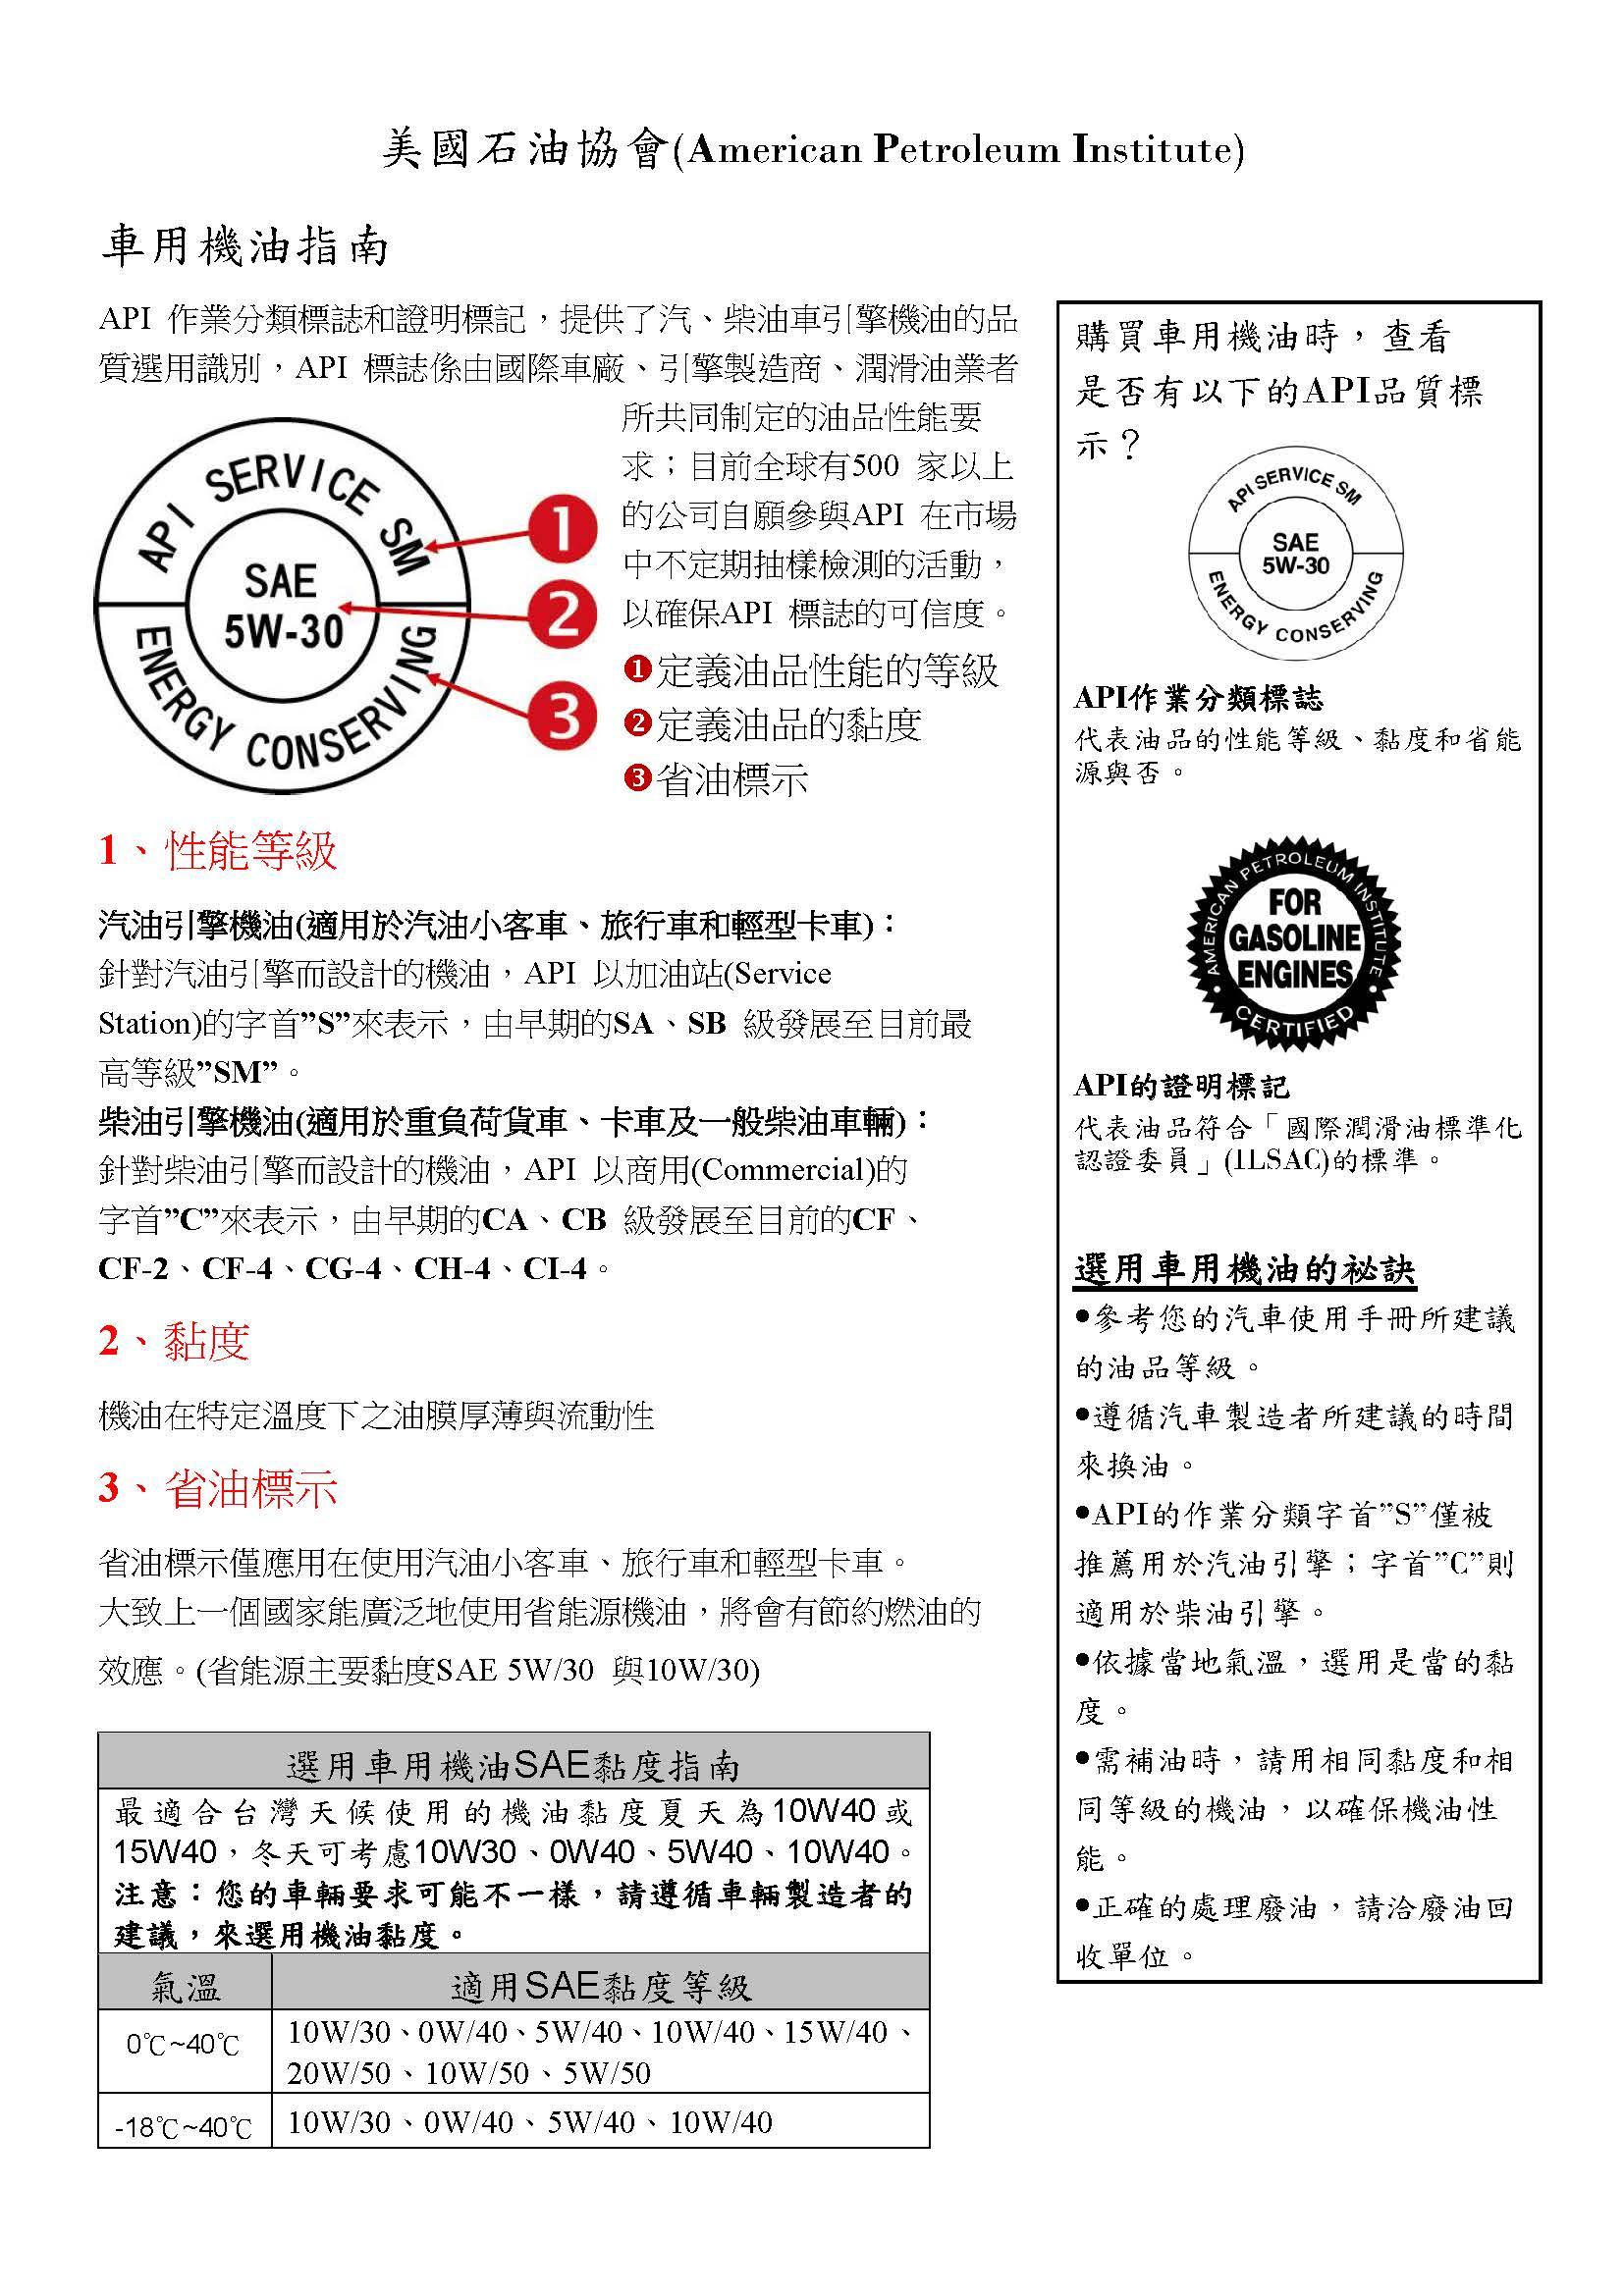 機油SAE黏度標準_頁面_2.jpg